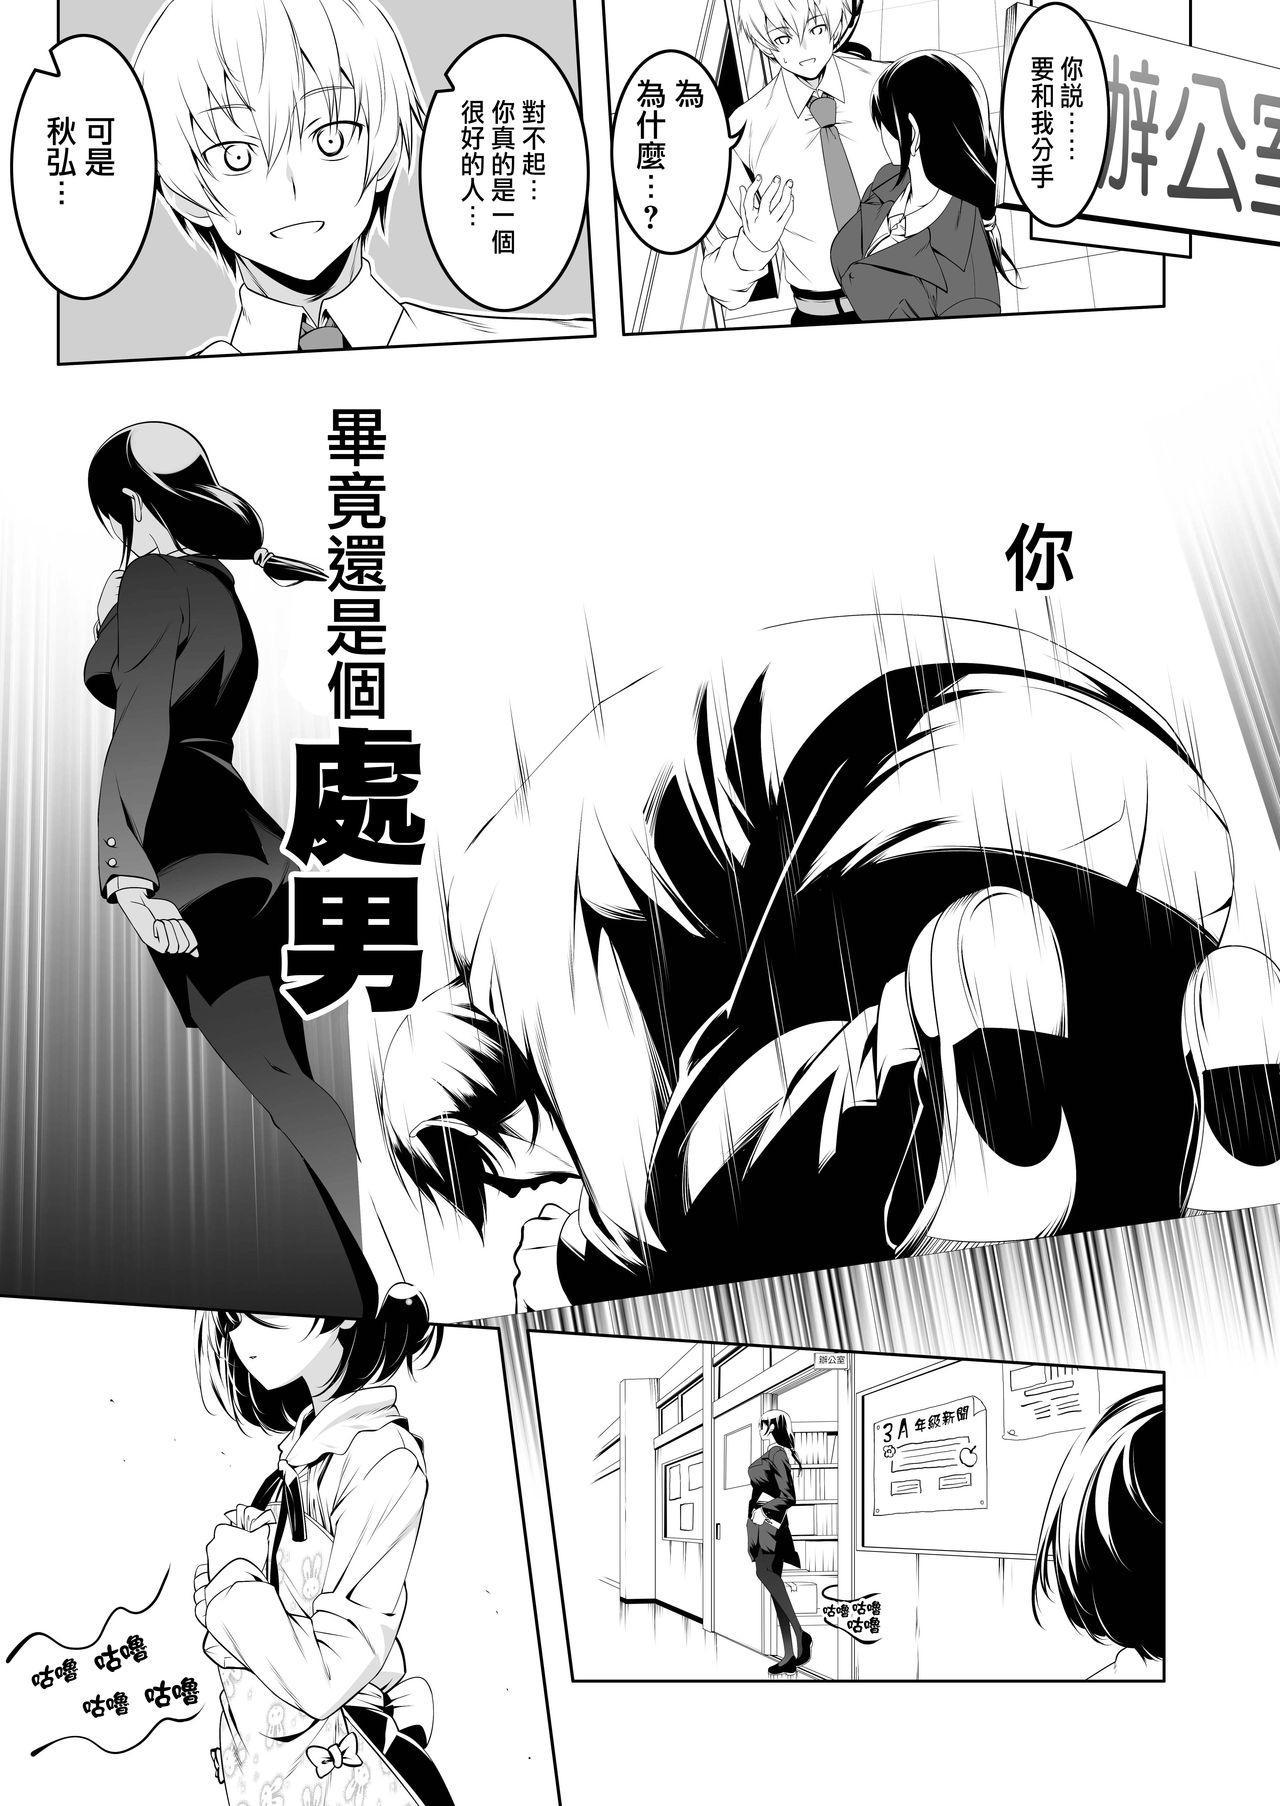 Watashi ga SEX Oshiete Ageru   就讓妹妹來教你怎麼變成大人吧 2